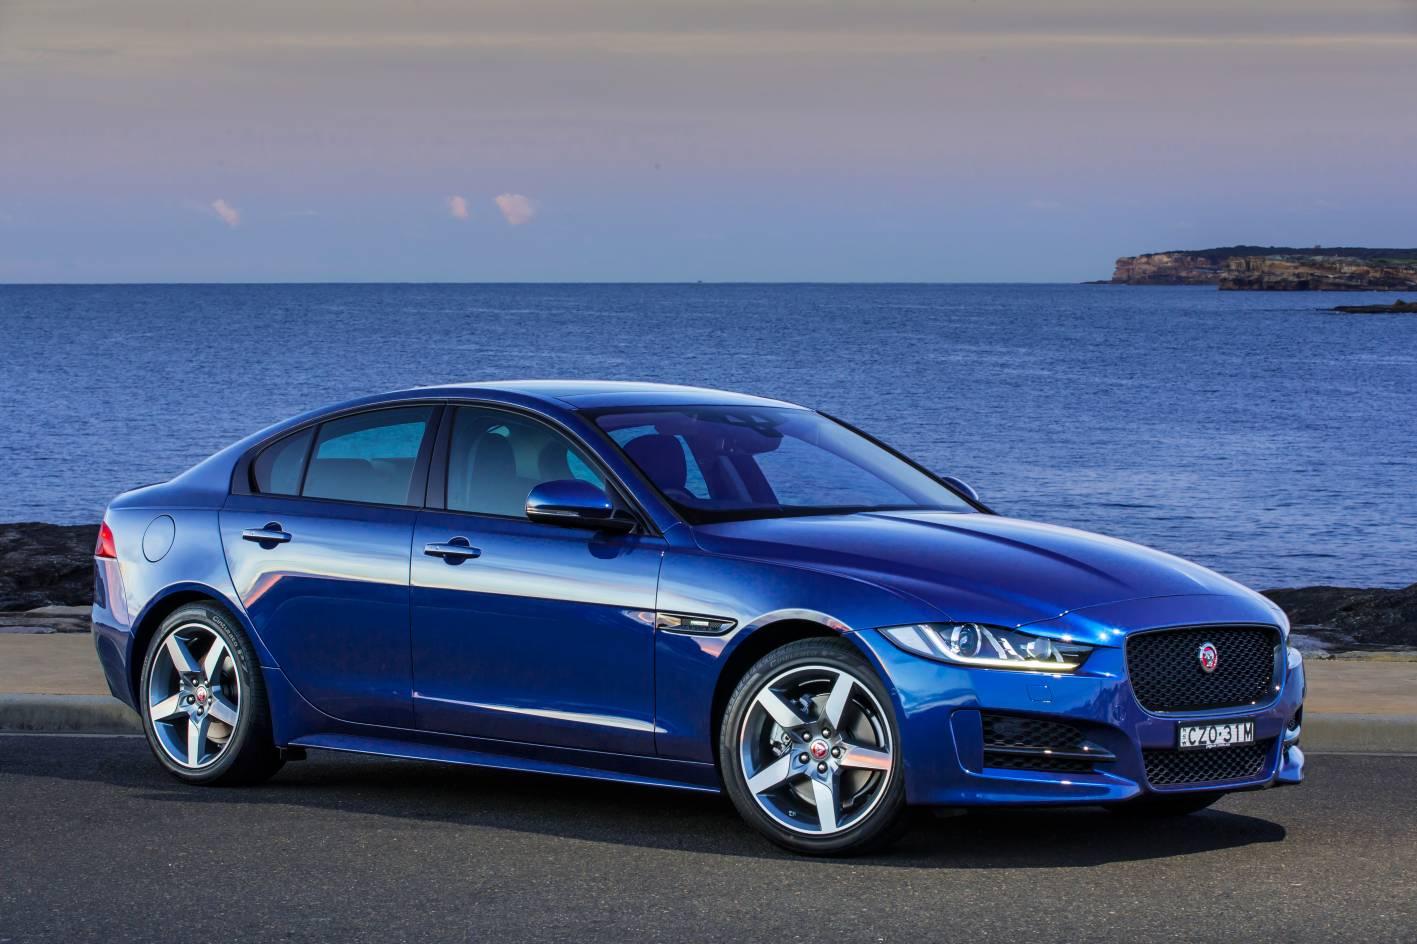 Ford Ranger Price >> 2016 Jaguar XE Review - photos | CarAdvice